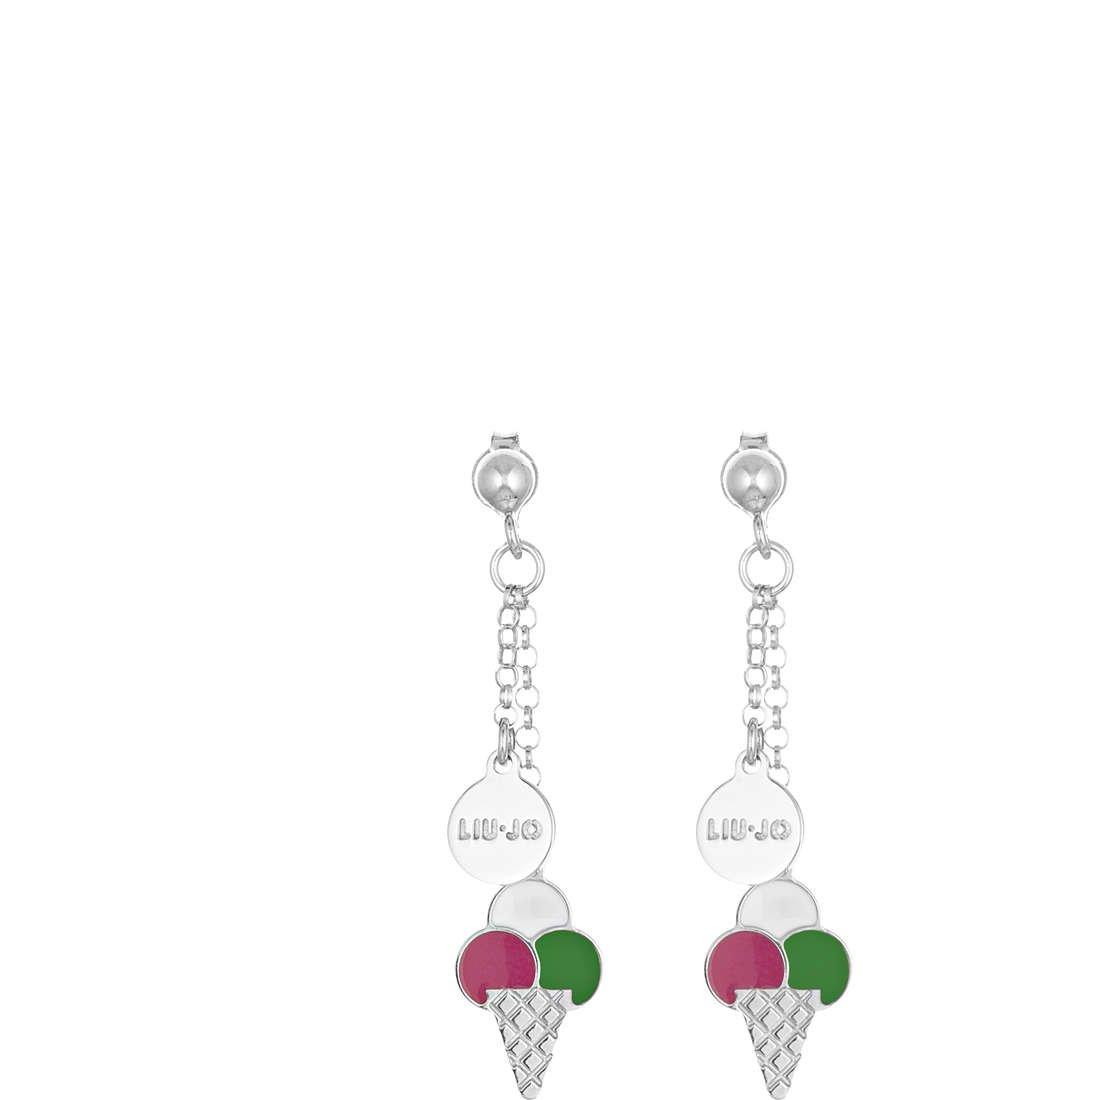 verre-gioielli-orecchini-bambina-gioielli-liujo-blj35